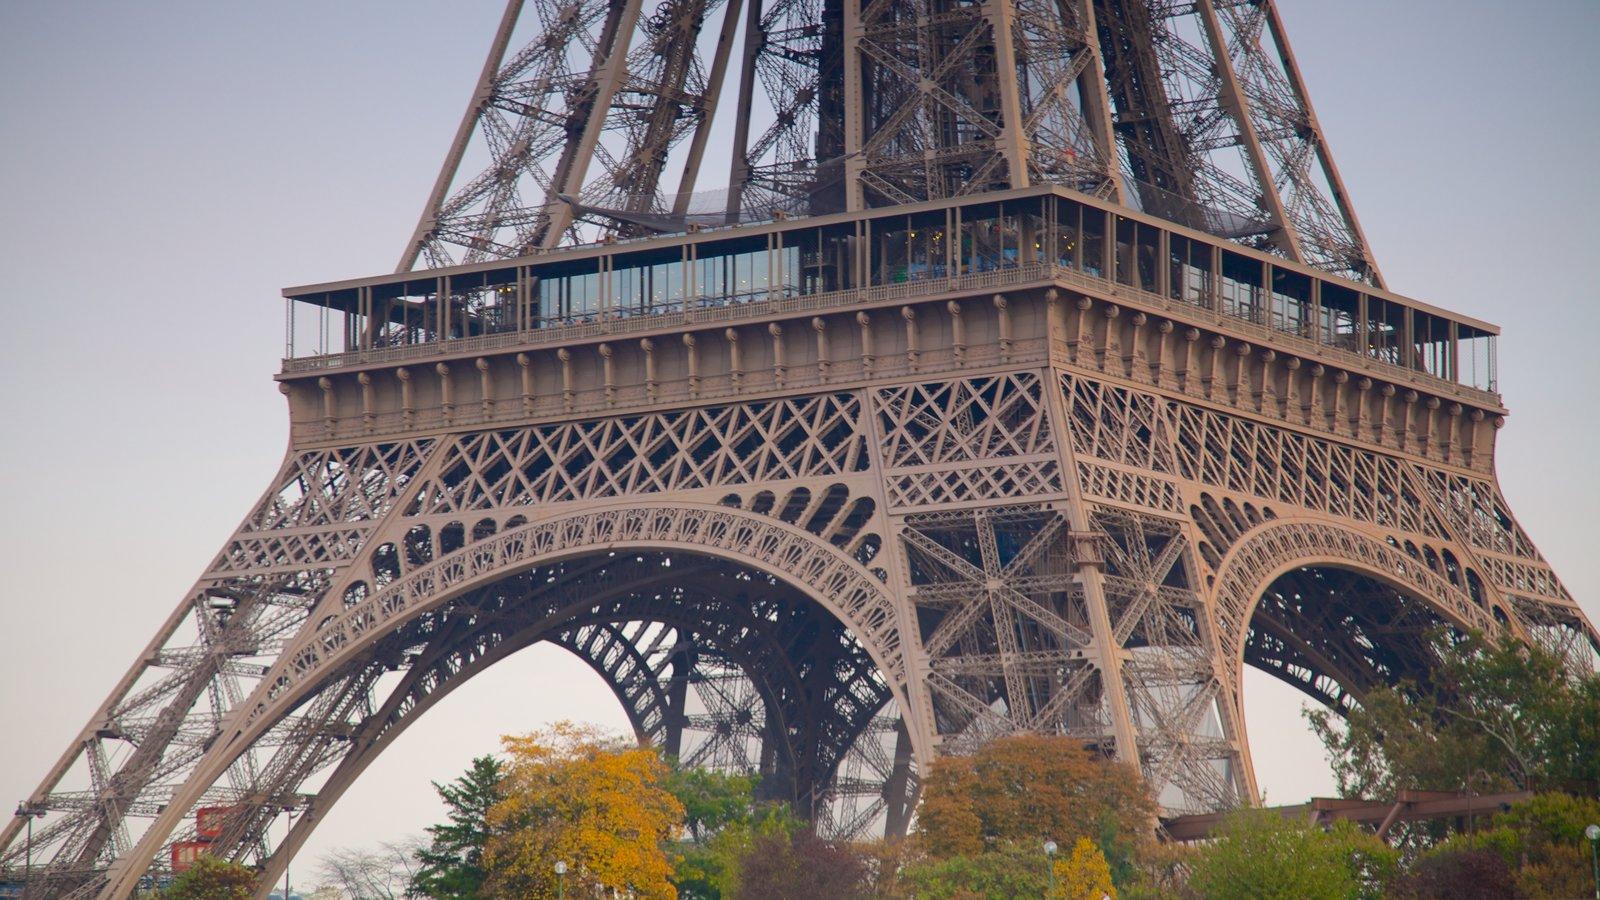 Torre Eiffel mostrando um monumento